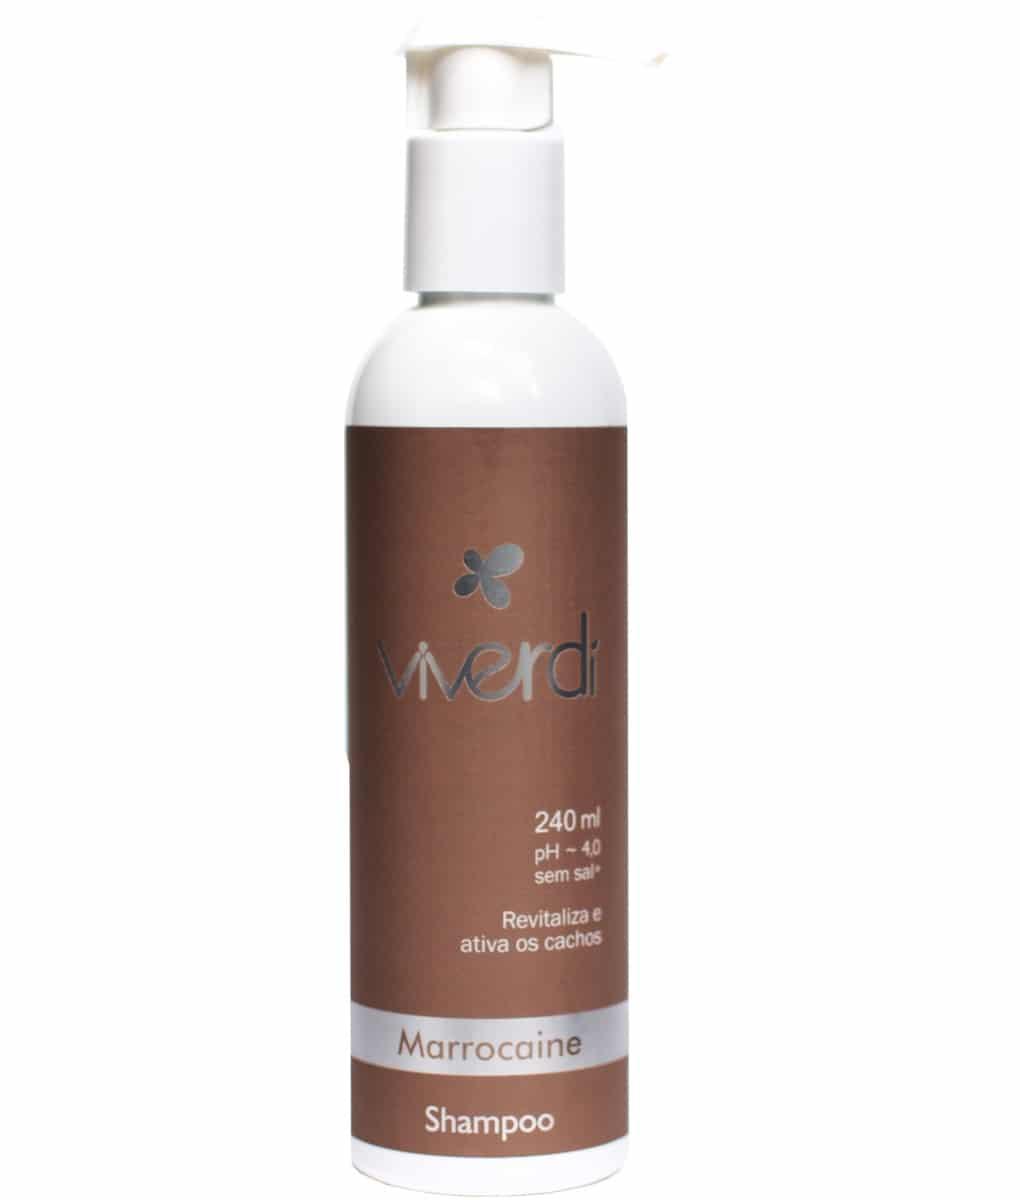 Shampoo Marrocaine – Viverdí Cosméticos